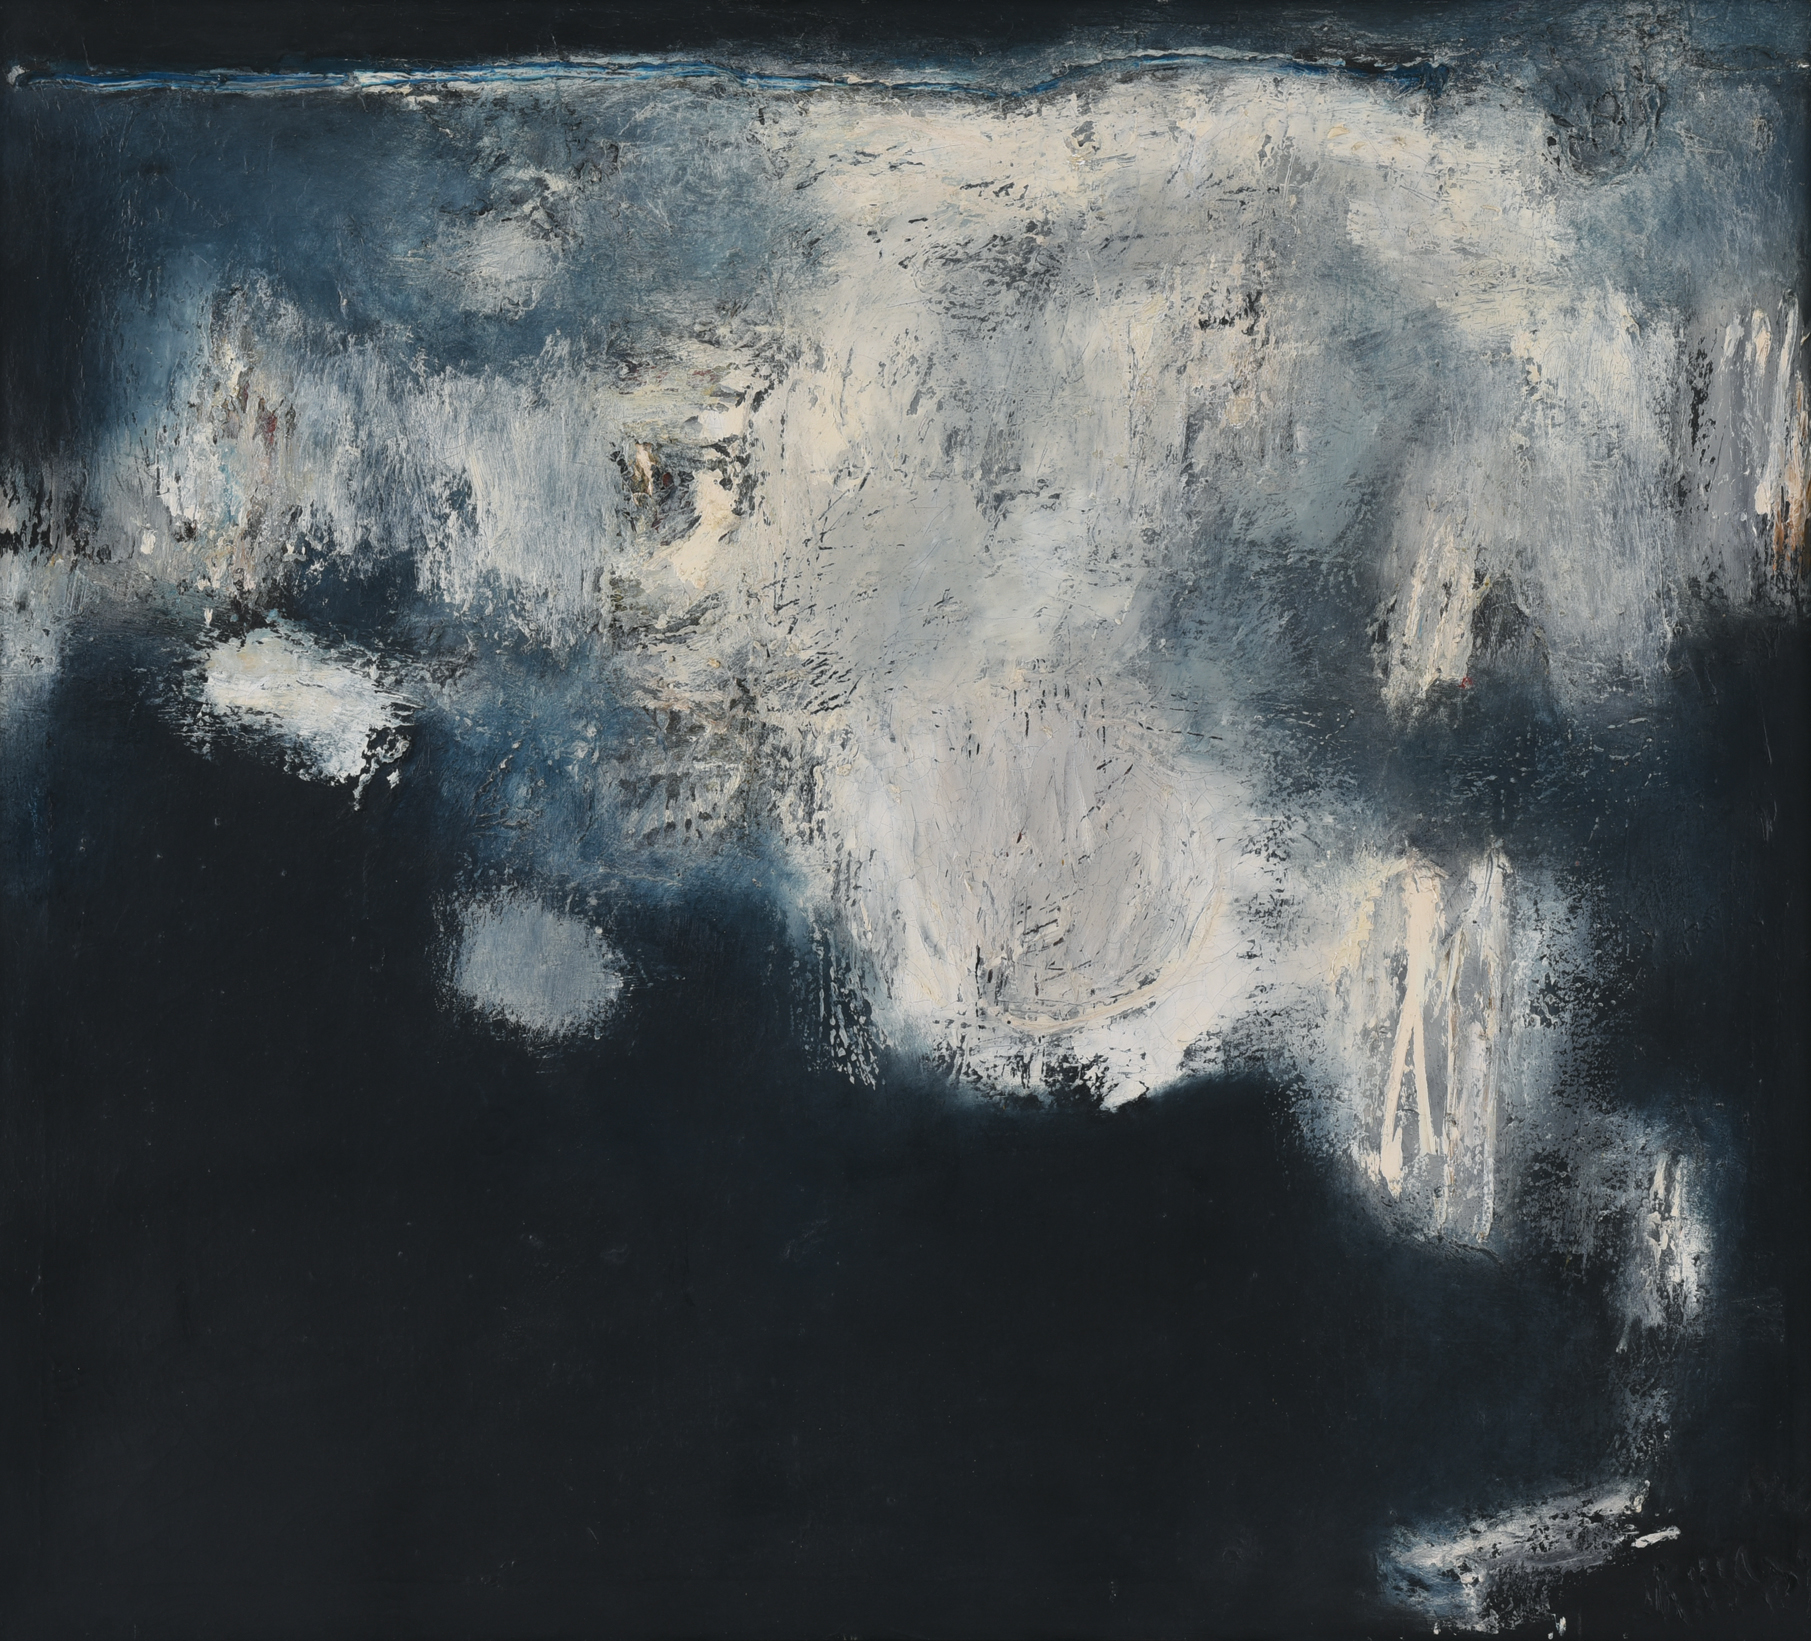 Srihadi Soedarsono, Rock On the Shore, 1966, 89 x 99 cm